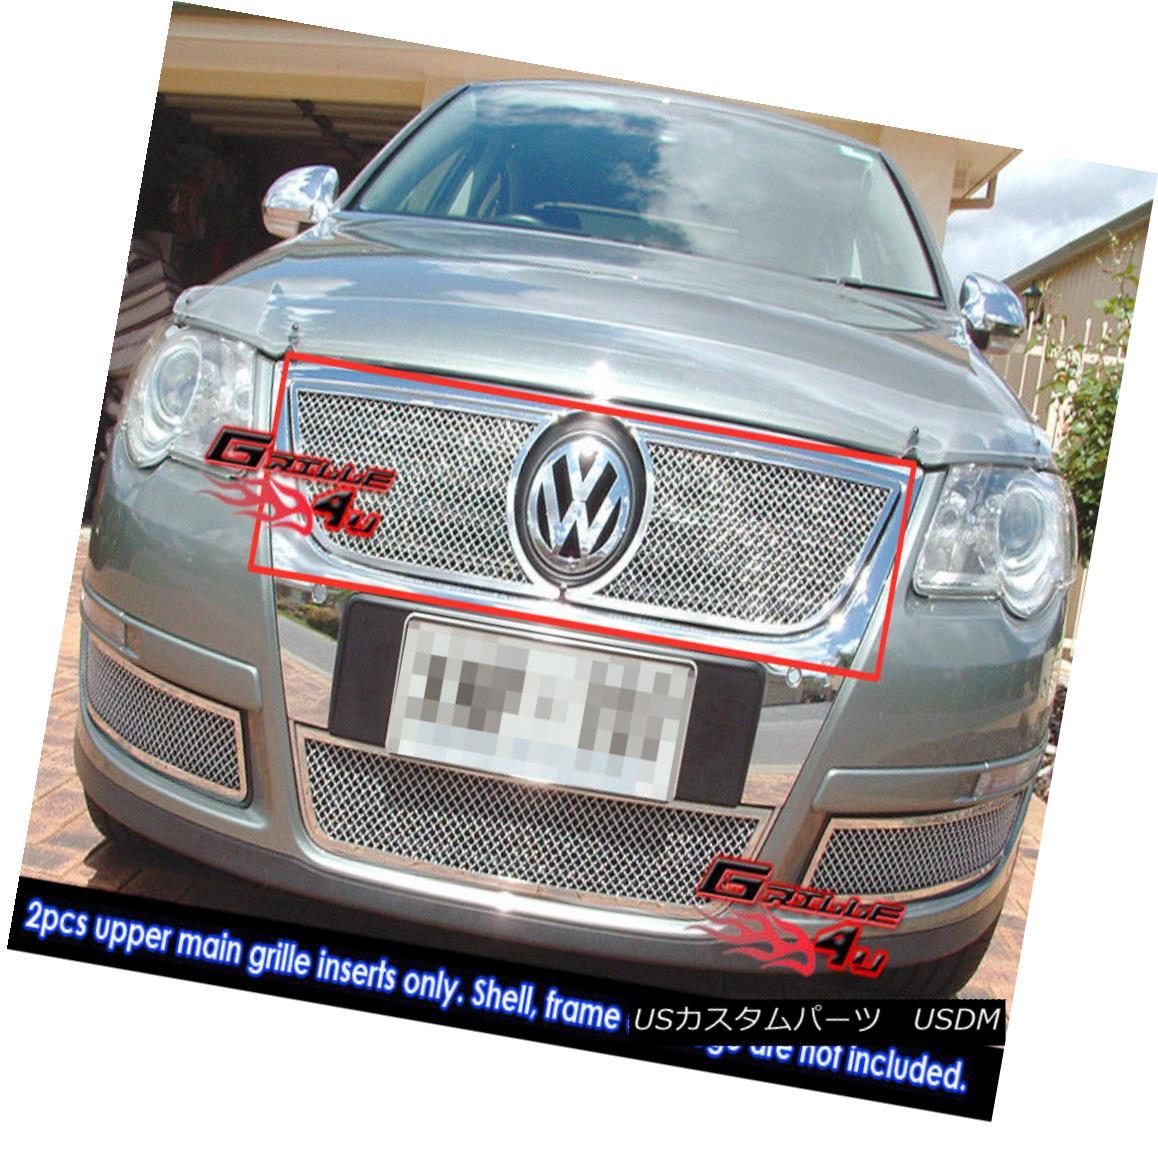 グリル Fits 06-07 VW Volkswagen Passat Stainless Mesh Grille Insert フィット06-07 VWフォルクスワーゲンパサートステンレスメッシュグリルインサート